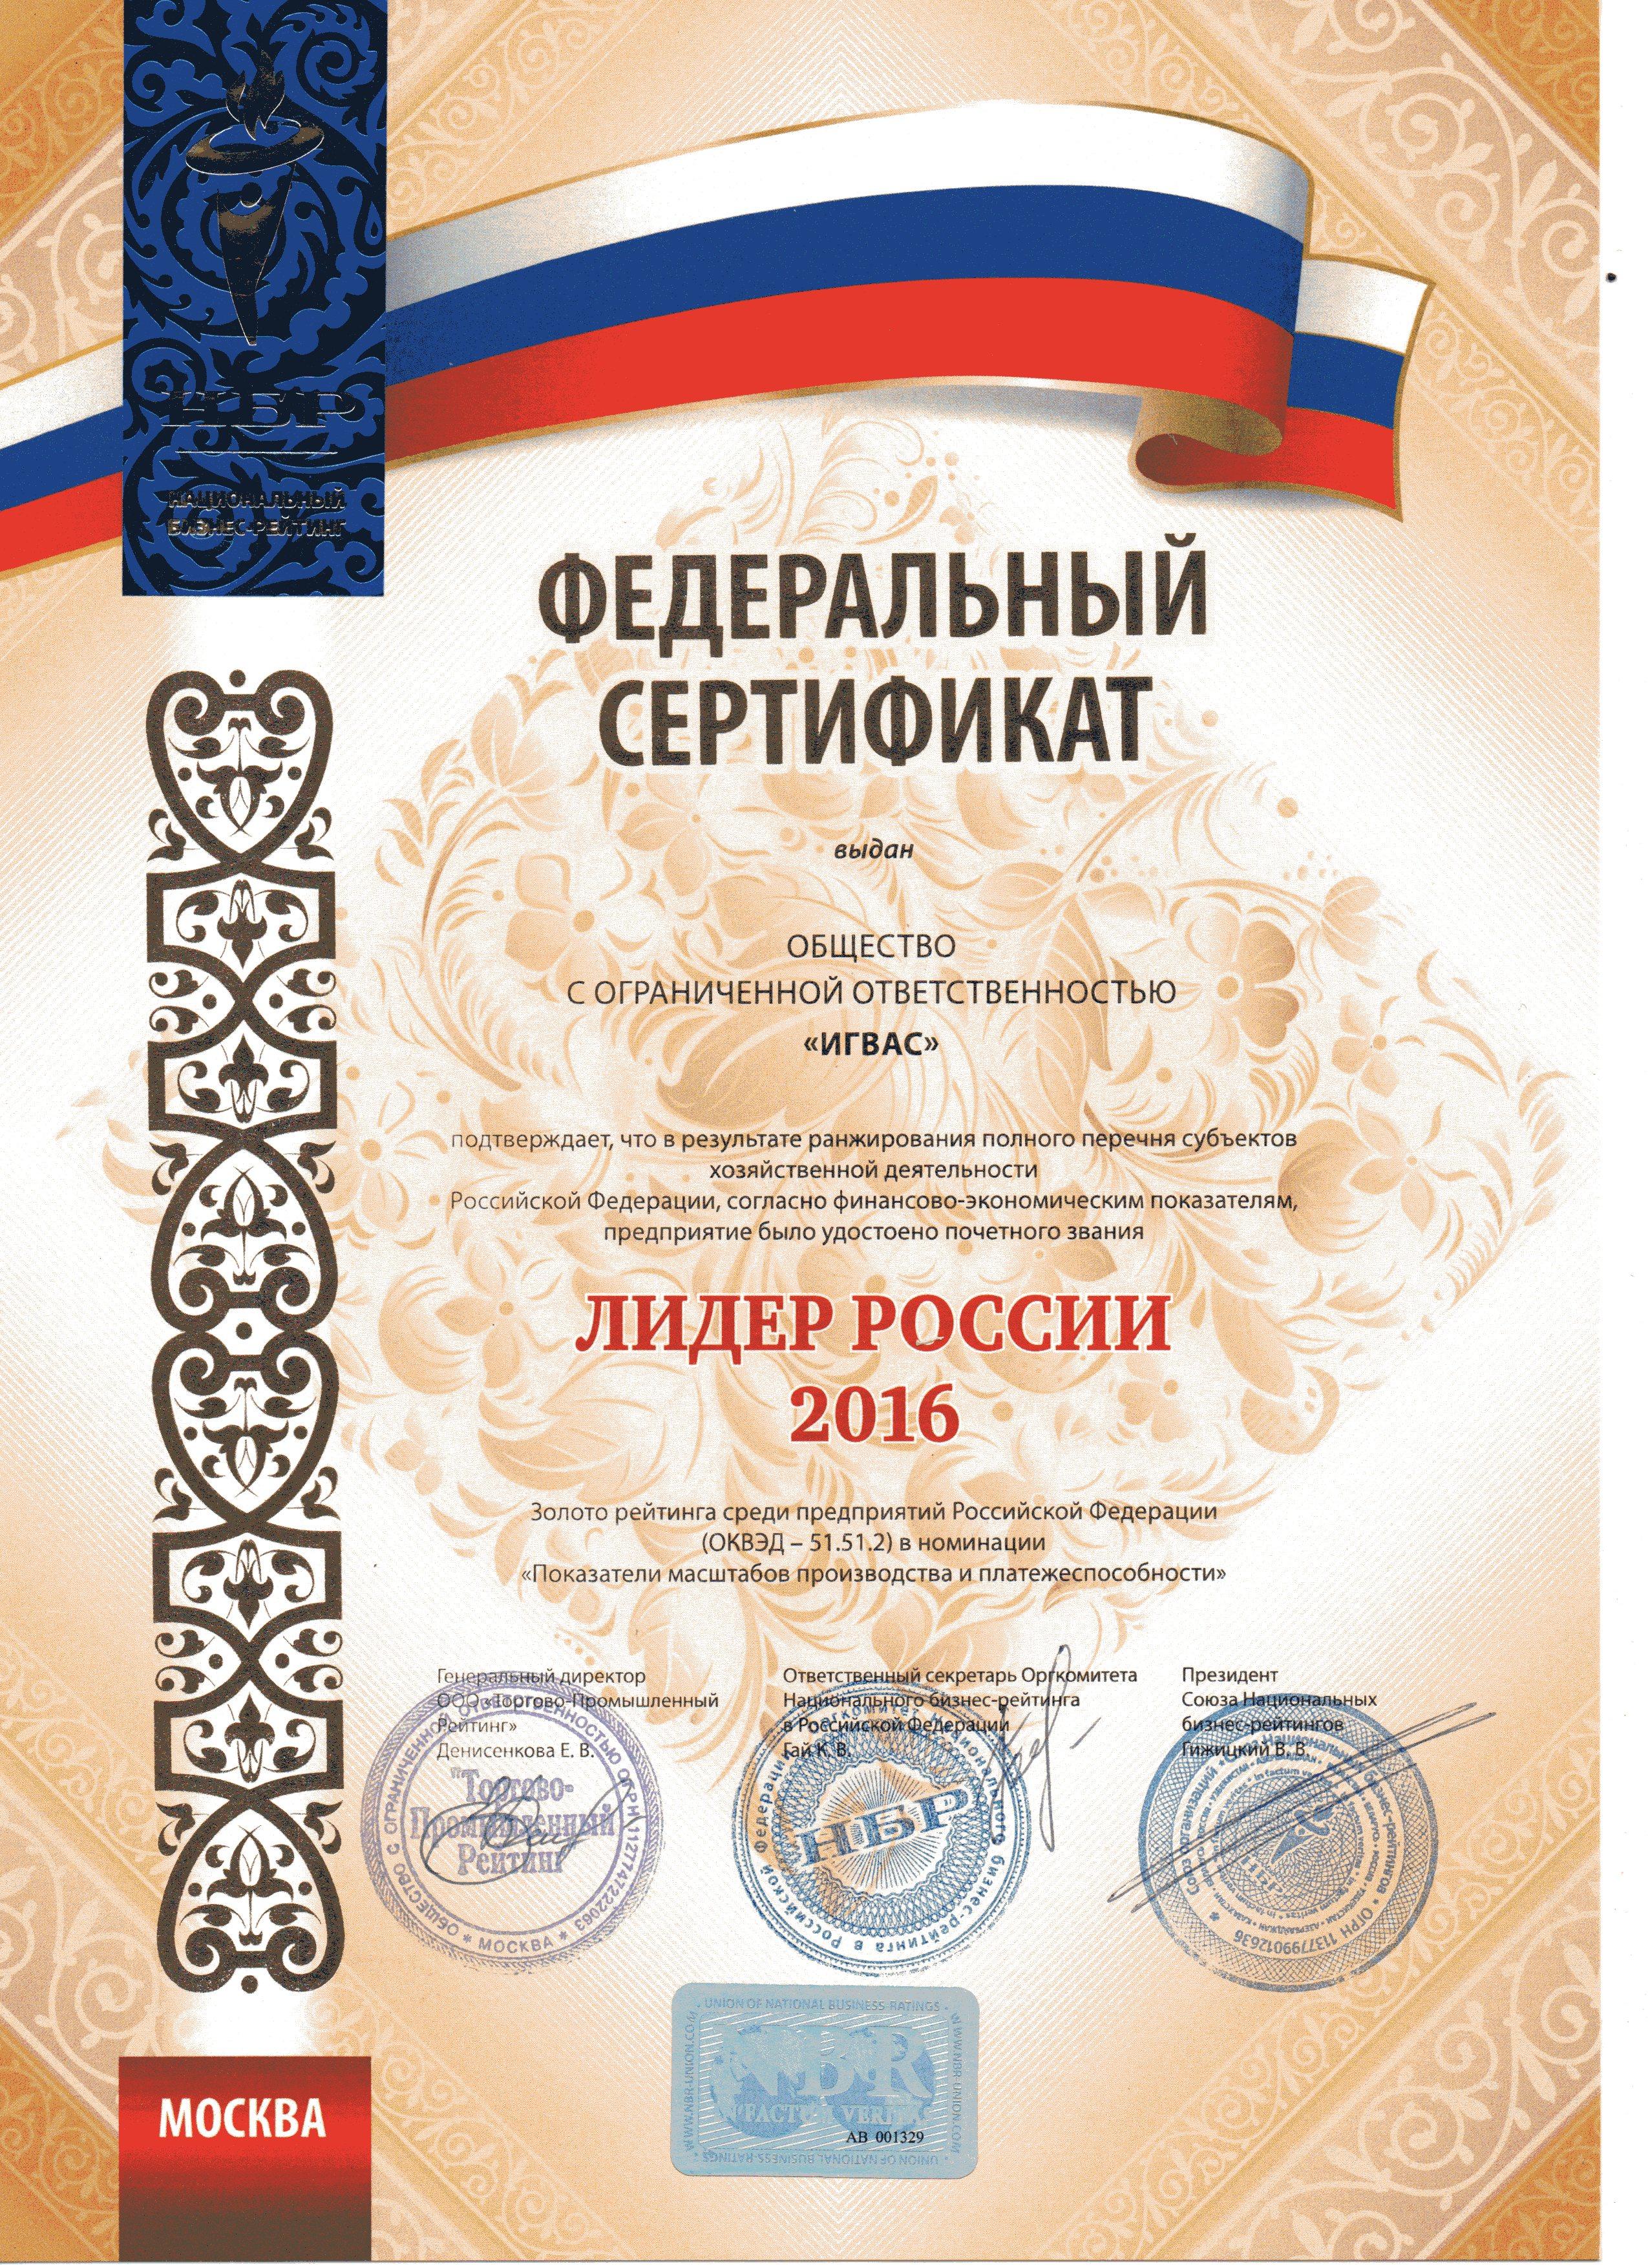 лидер россии 2016004